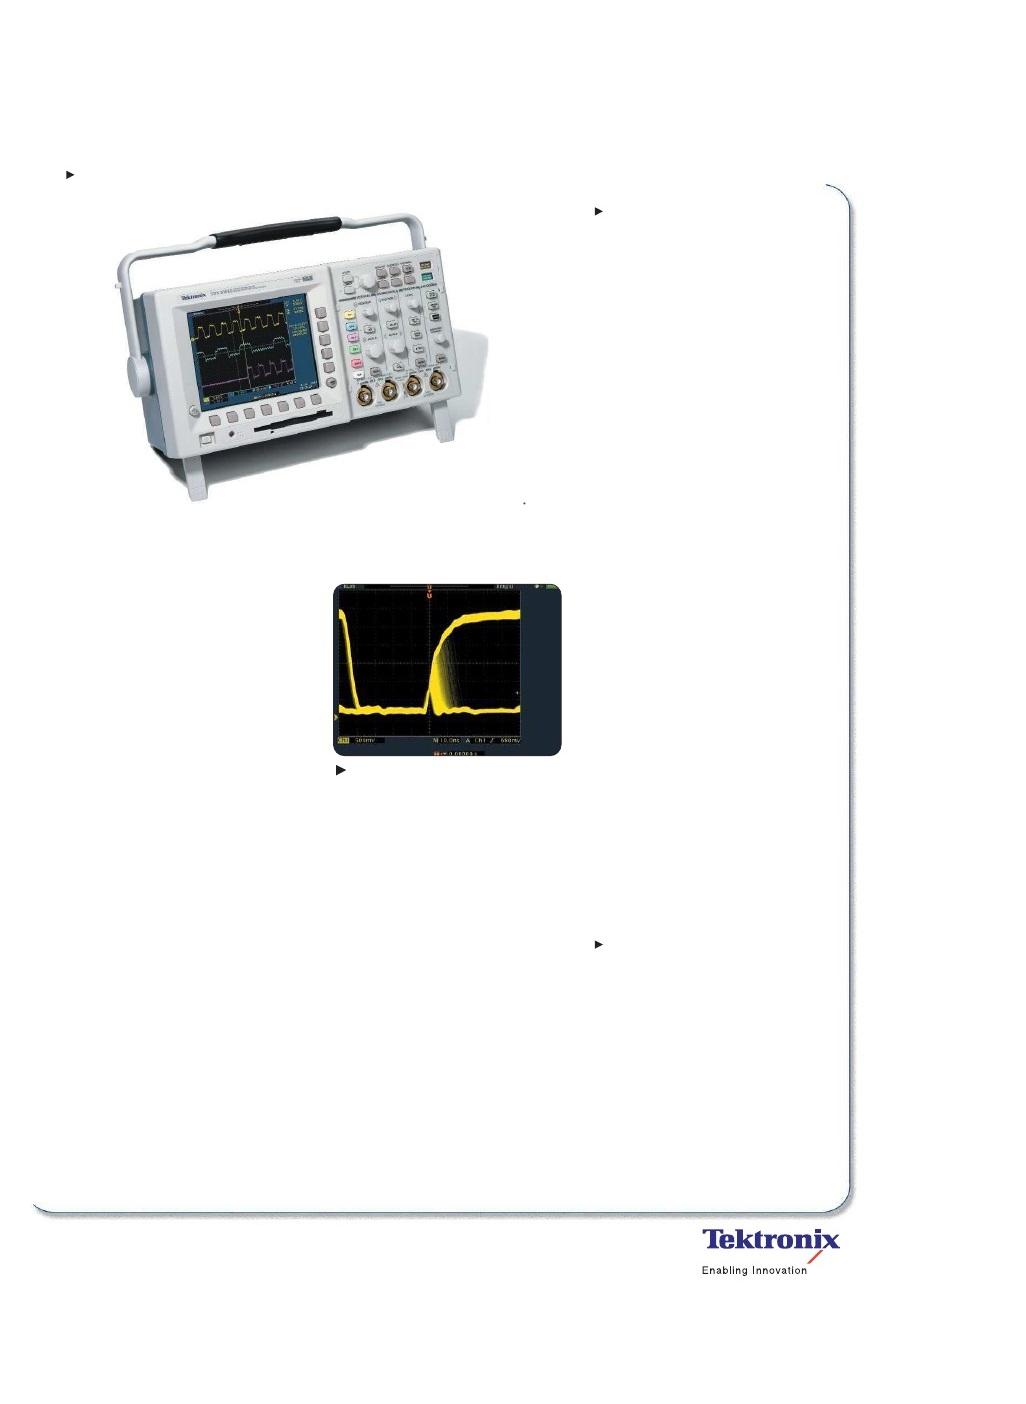 Tds B Tektronix Series Digital Oscilloscope